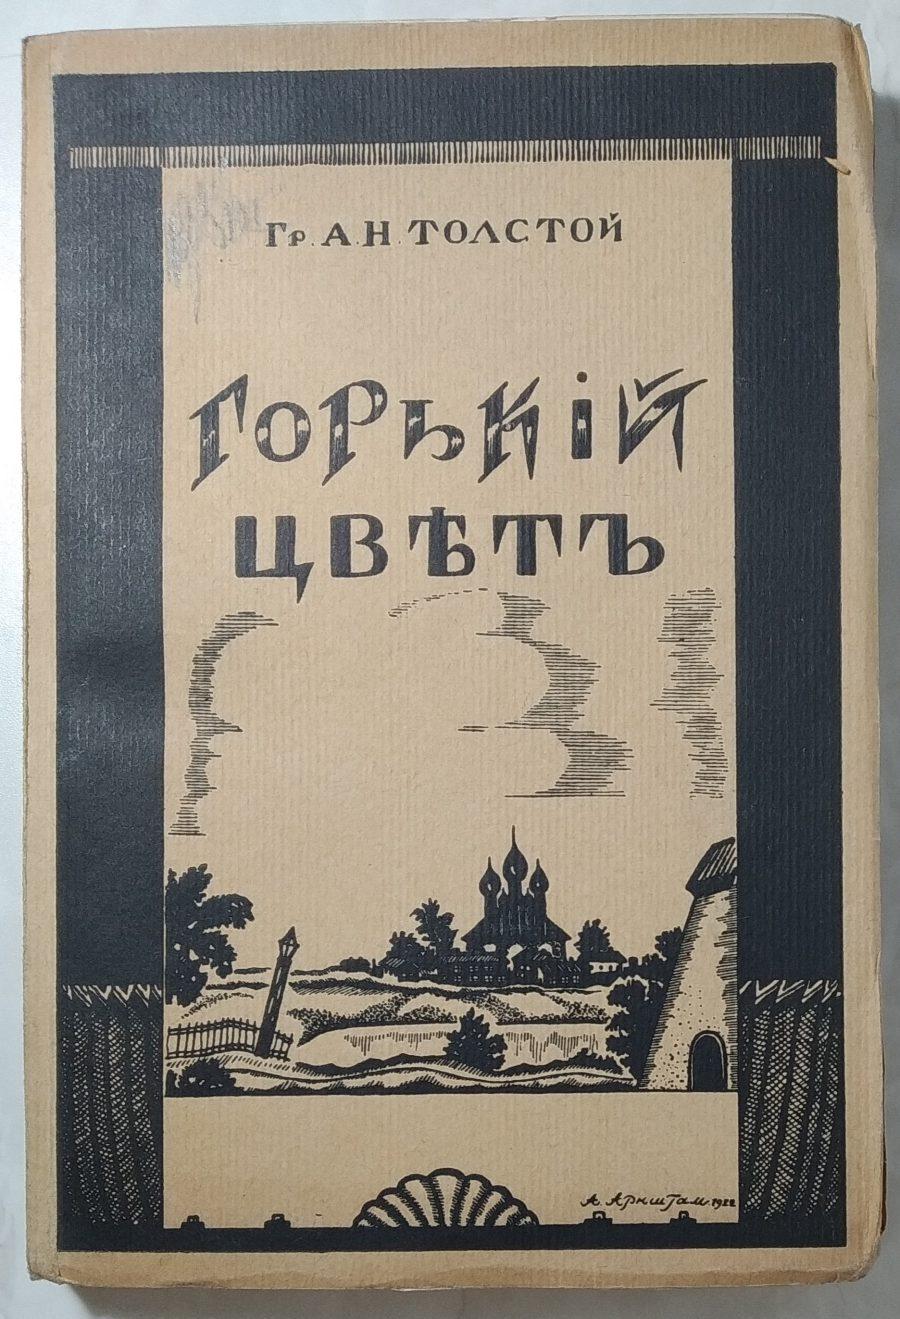 Толстой Горький цвет.